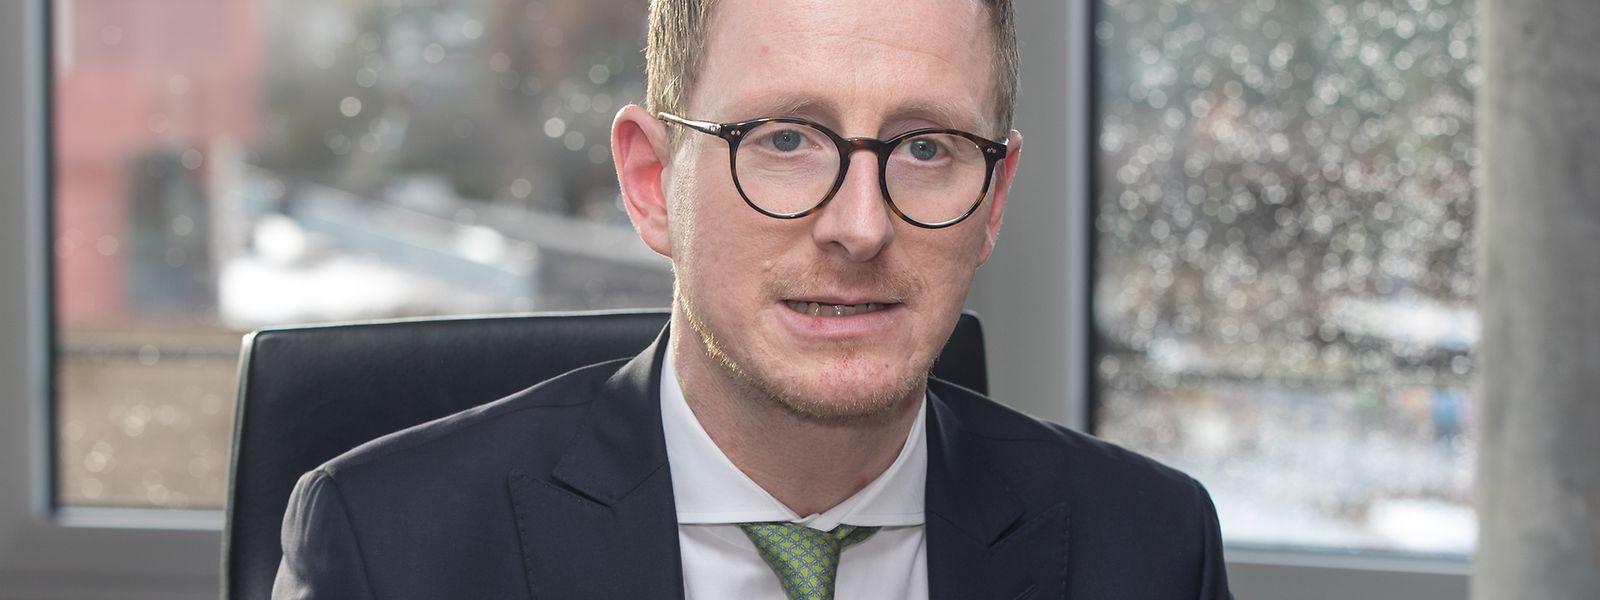 Markus Müller leitet das Global Chief Investment Office der Deutschen Bank